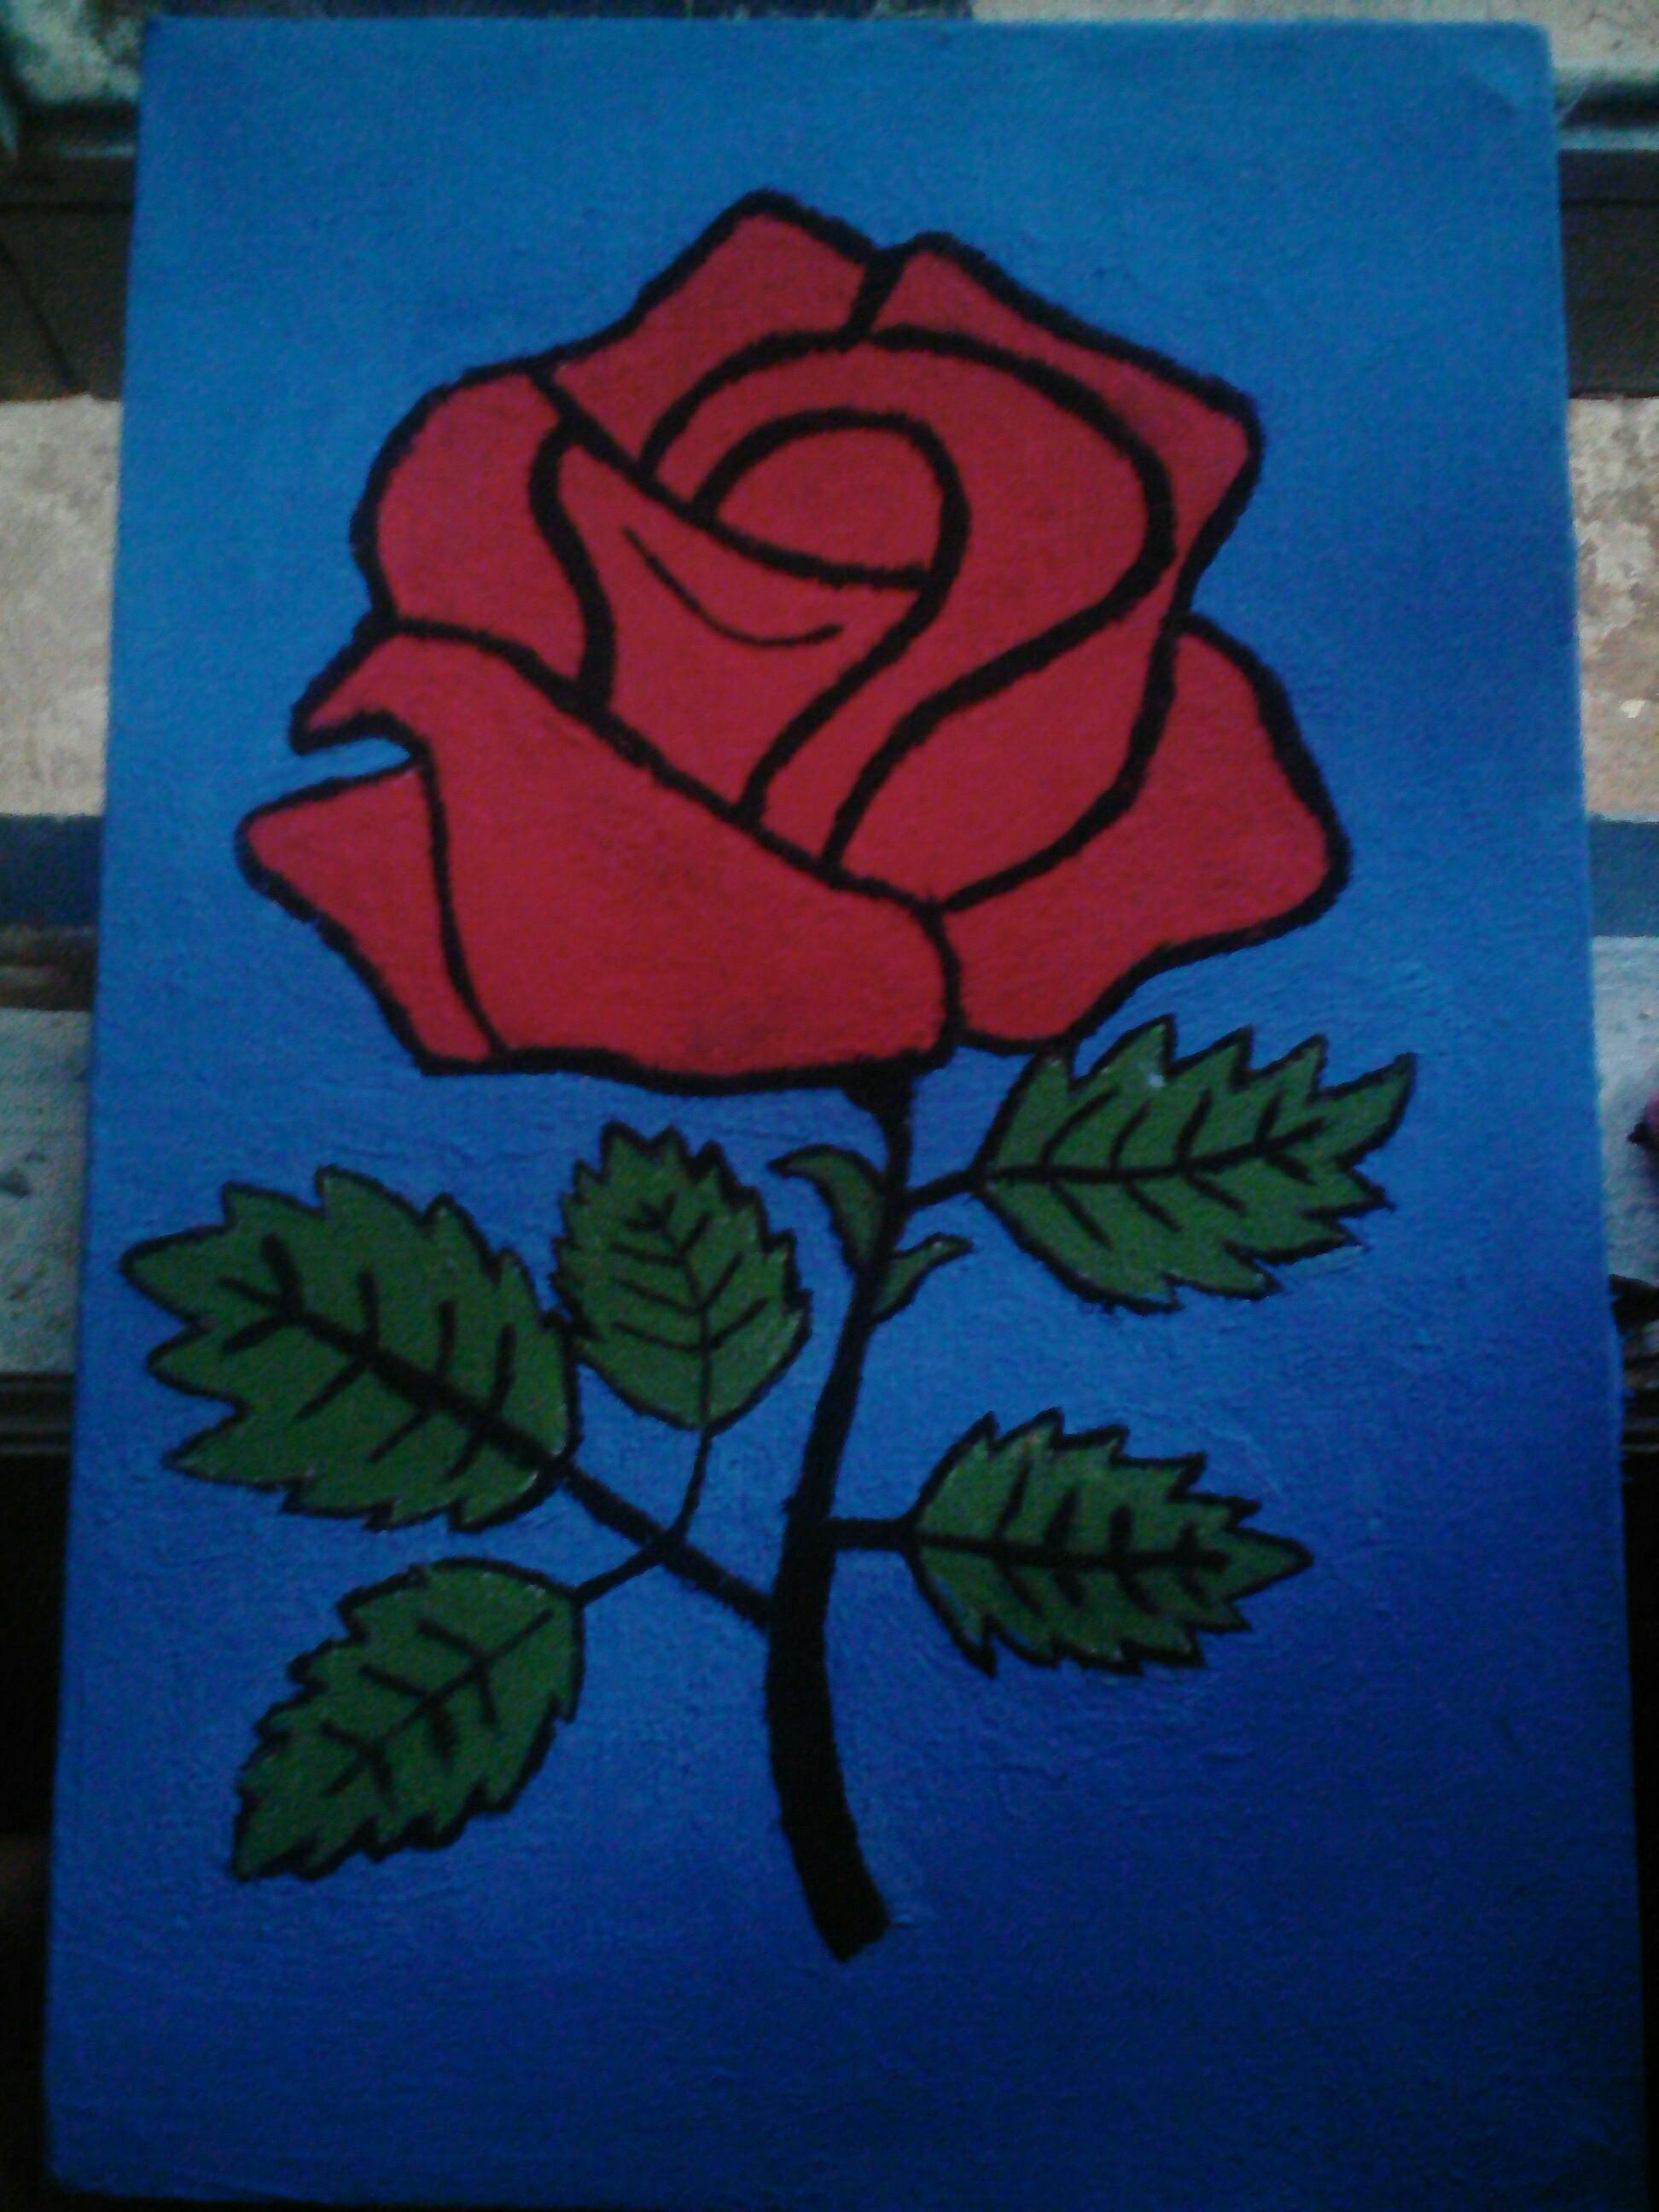 Menggambar Bunga Mawar : menggambar, bunga, mawar, Sebutkan, Tujuan, Menggambar, Bunga, Mawar?apa, Brainly.co.id